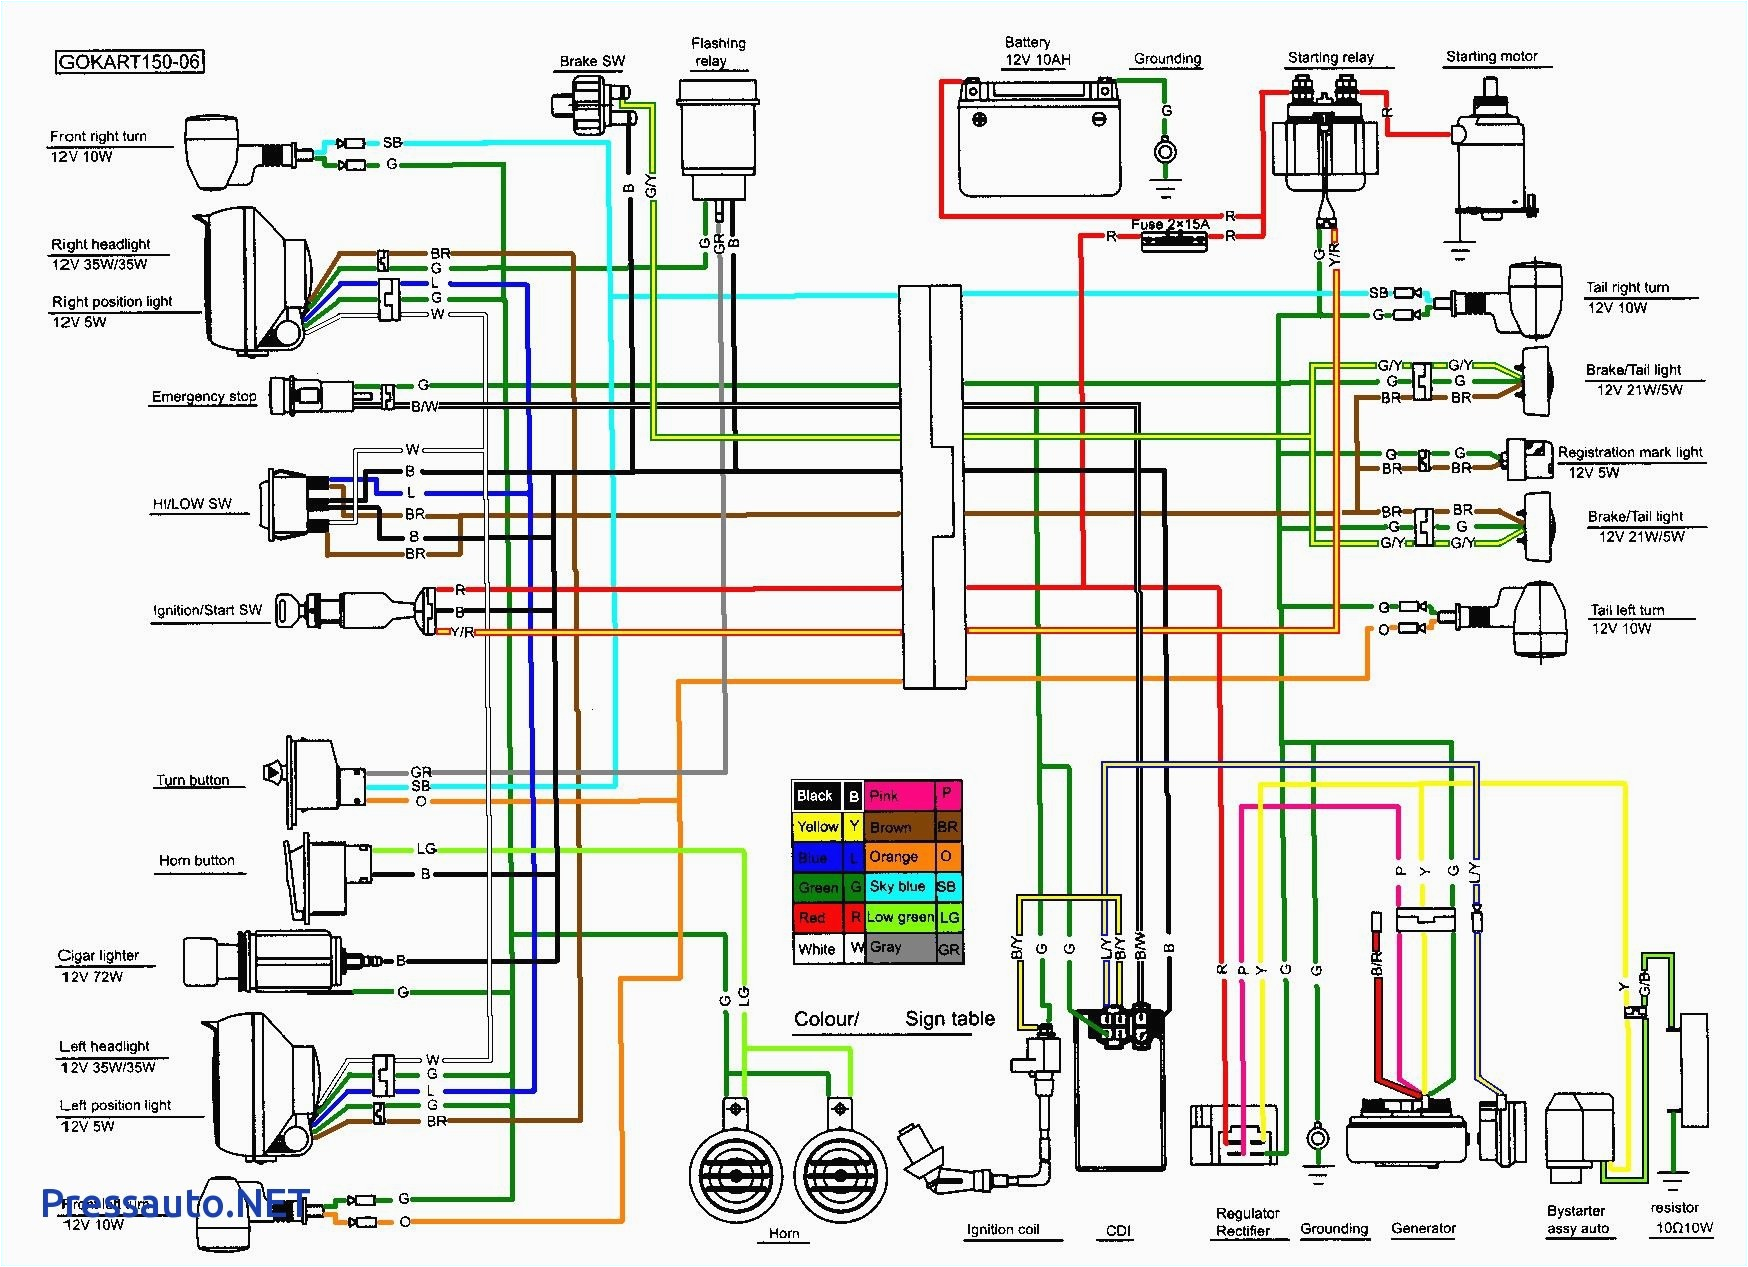 110cc chinese atv wiring diagram unique nice 6 pin cdi wiring diagram s electrical and wiring of 110cc chinese atv wiring diagram at chinese atv wiring diagram jpg